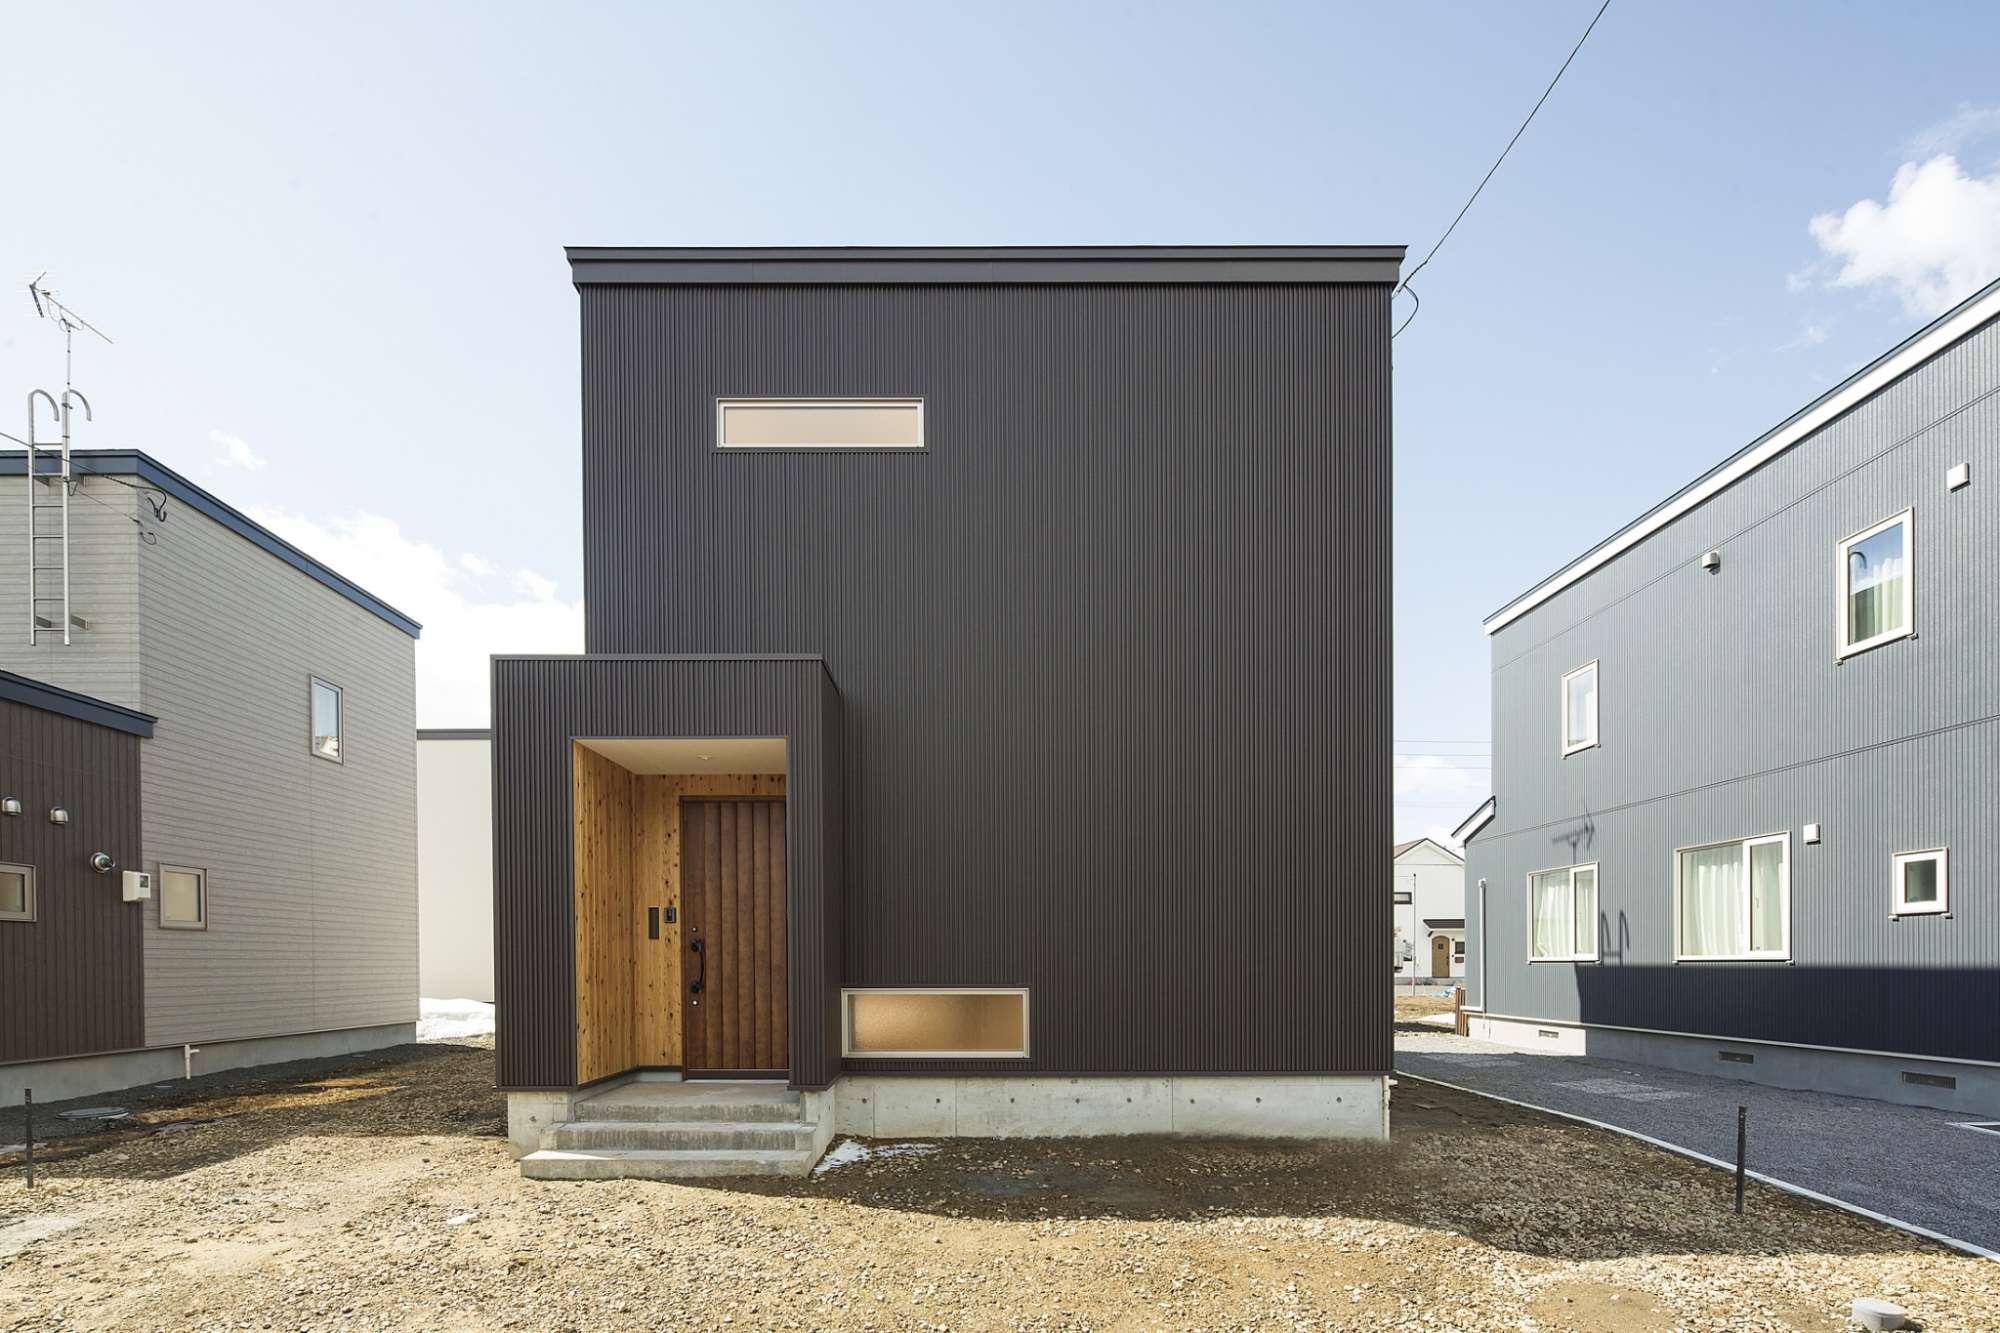 外壁はガルバリウム、シャープでスマートなデザイン -  -  -